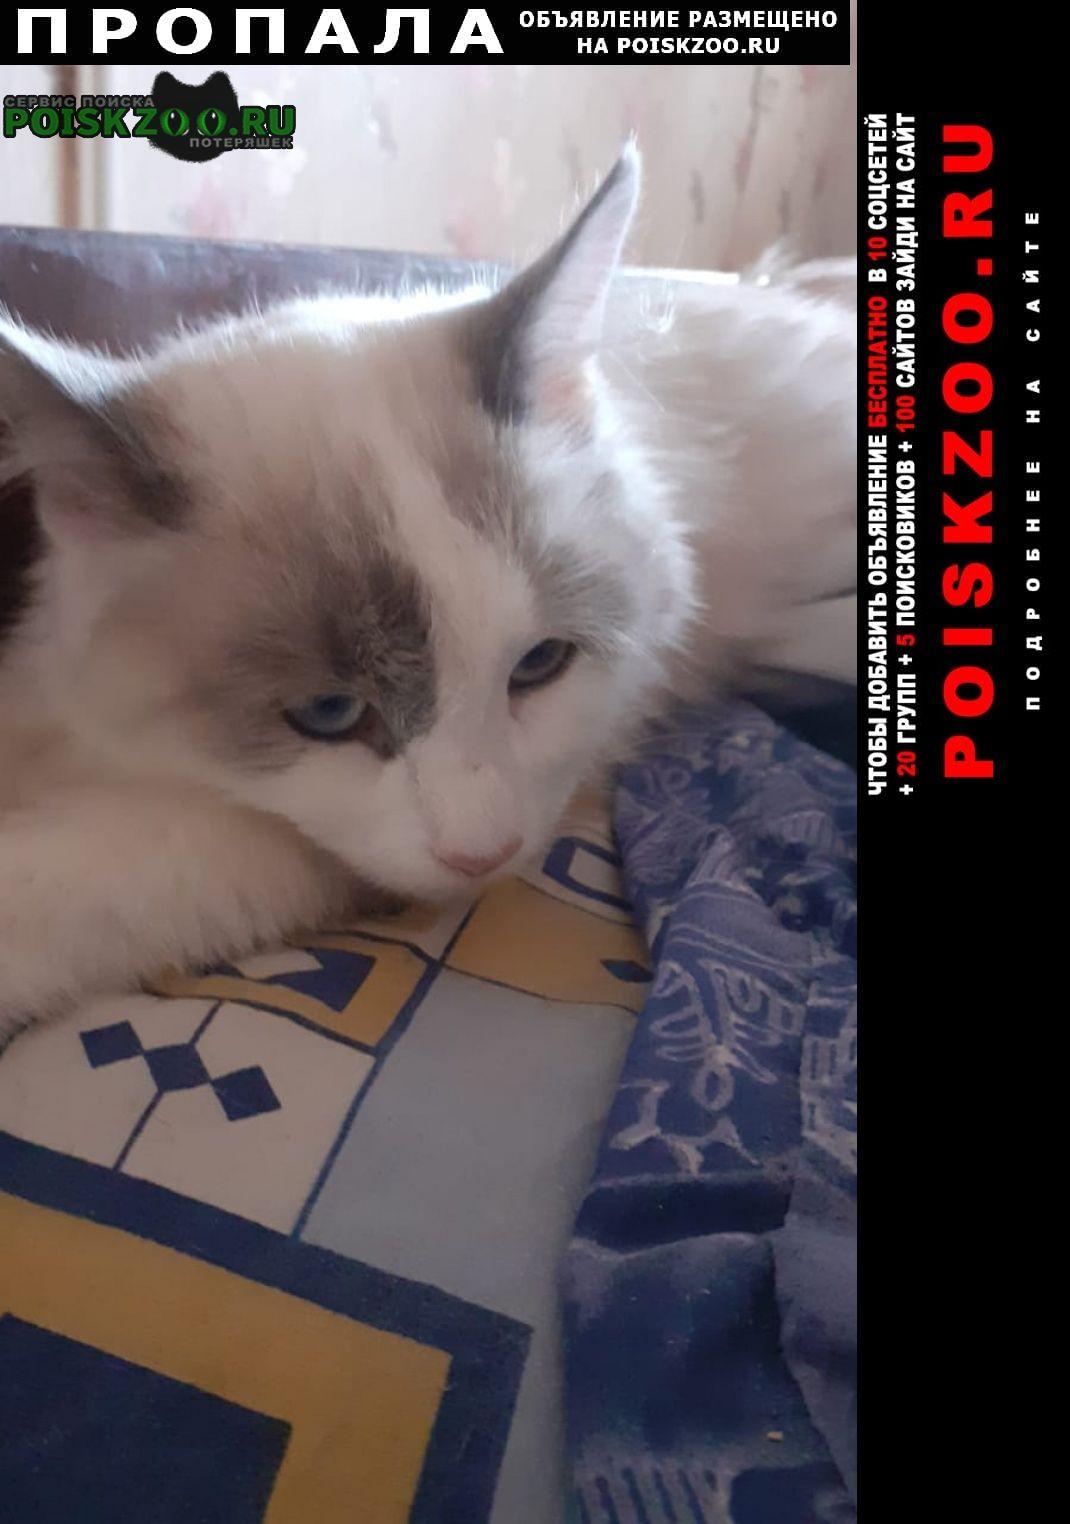 Пропала кошка на зубковой 18 Рязань